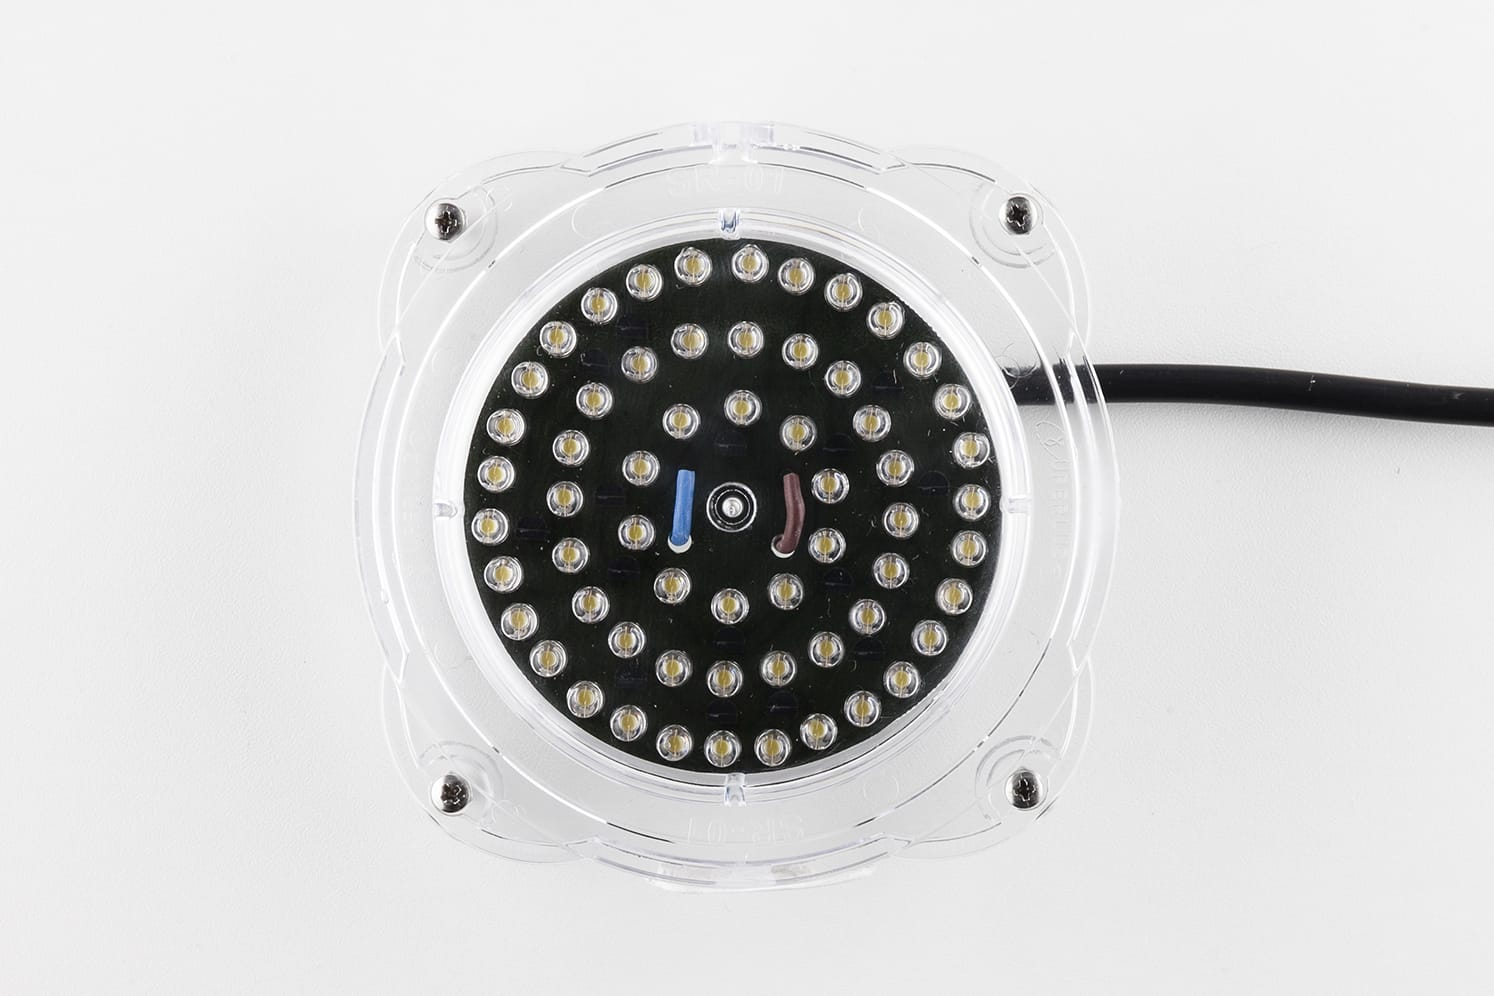 Signalisation LED verticale balise basse tension ECO-802 60 LED